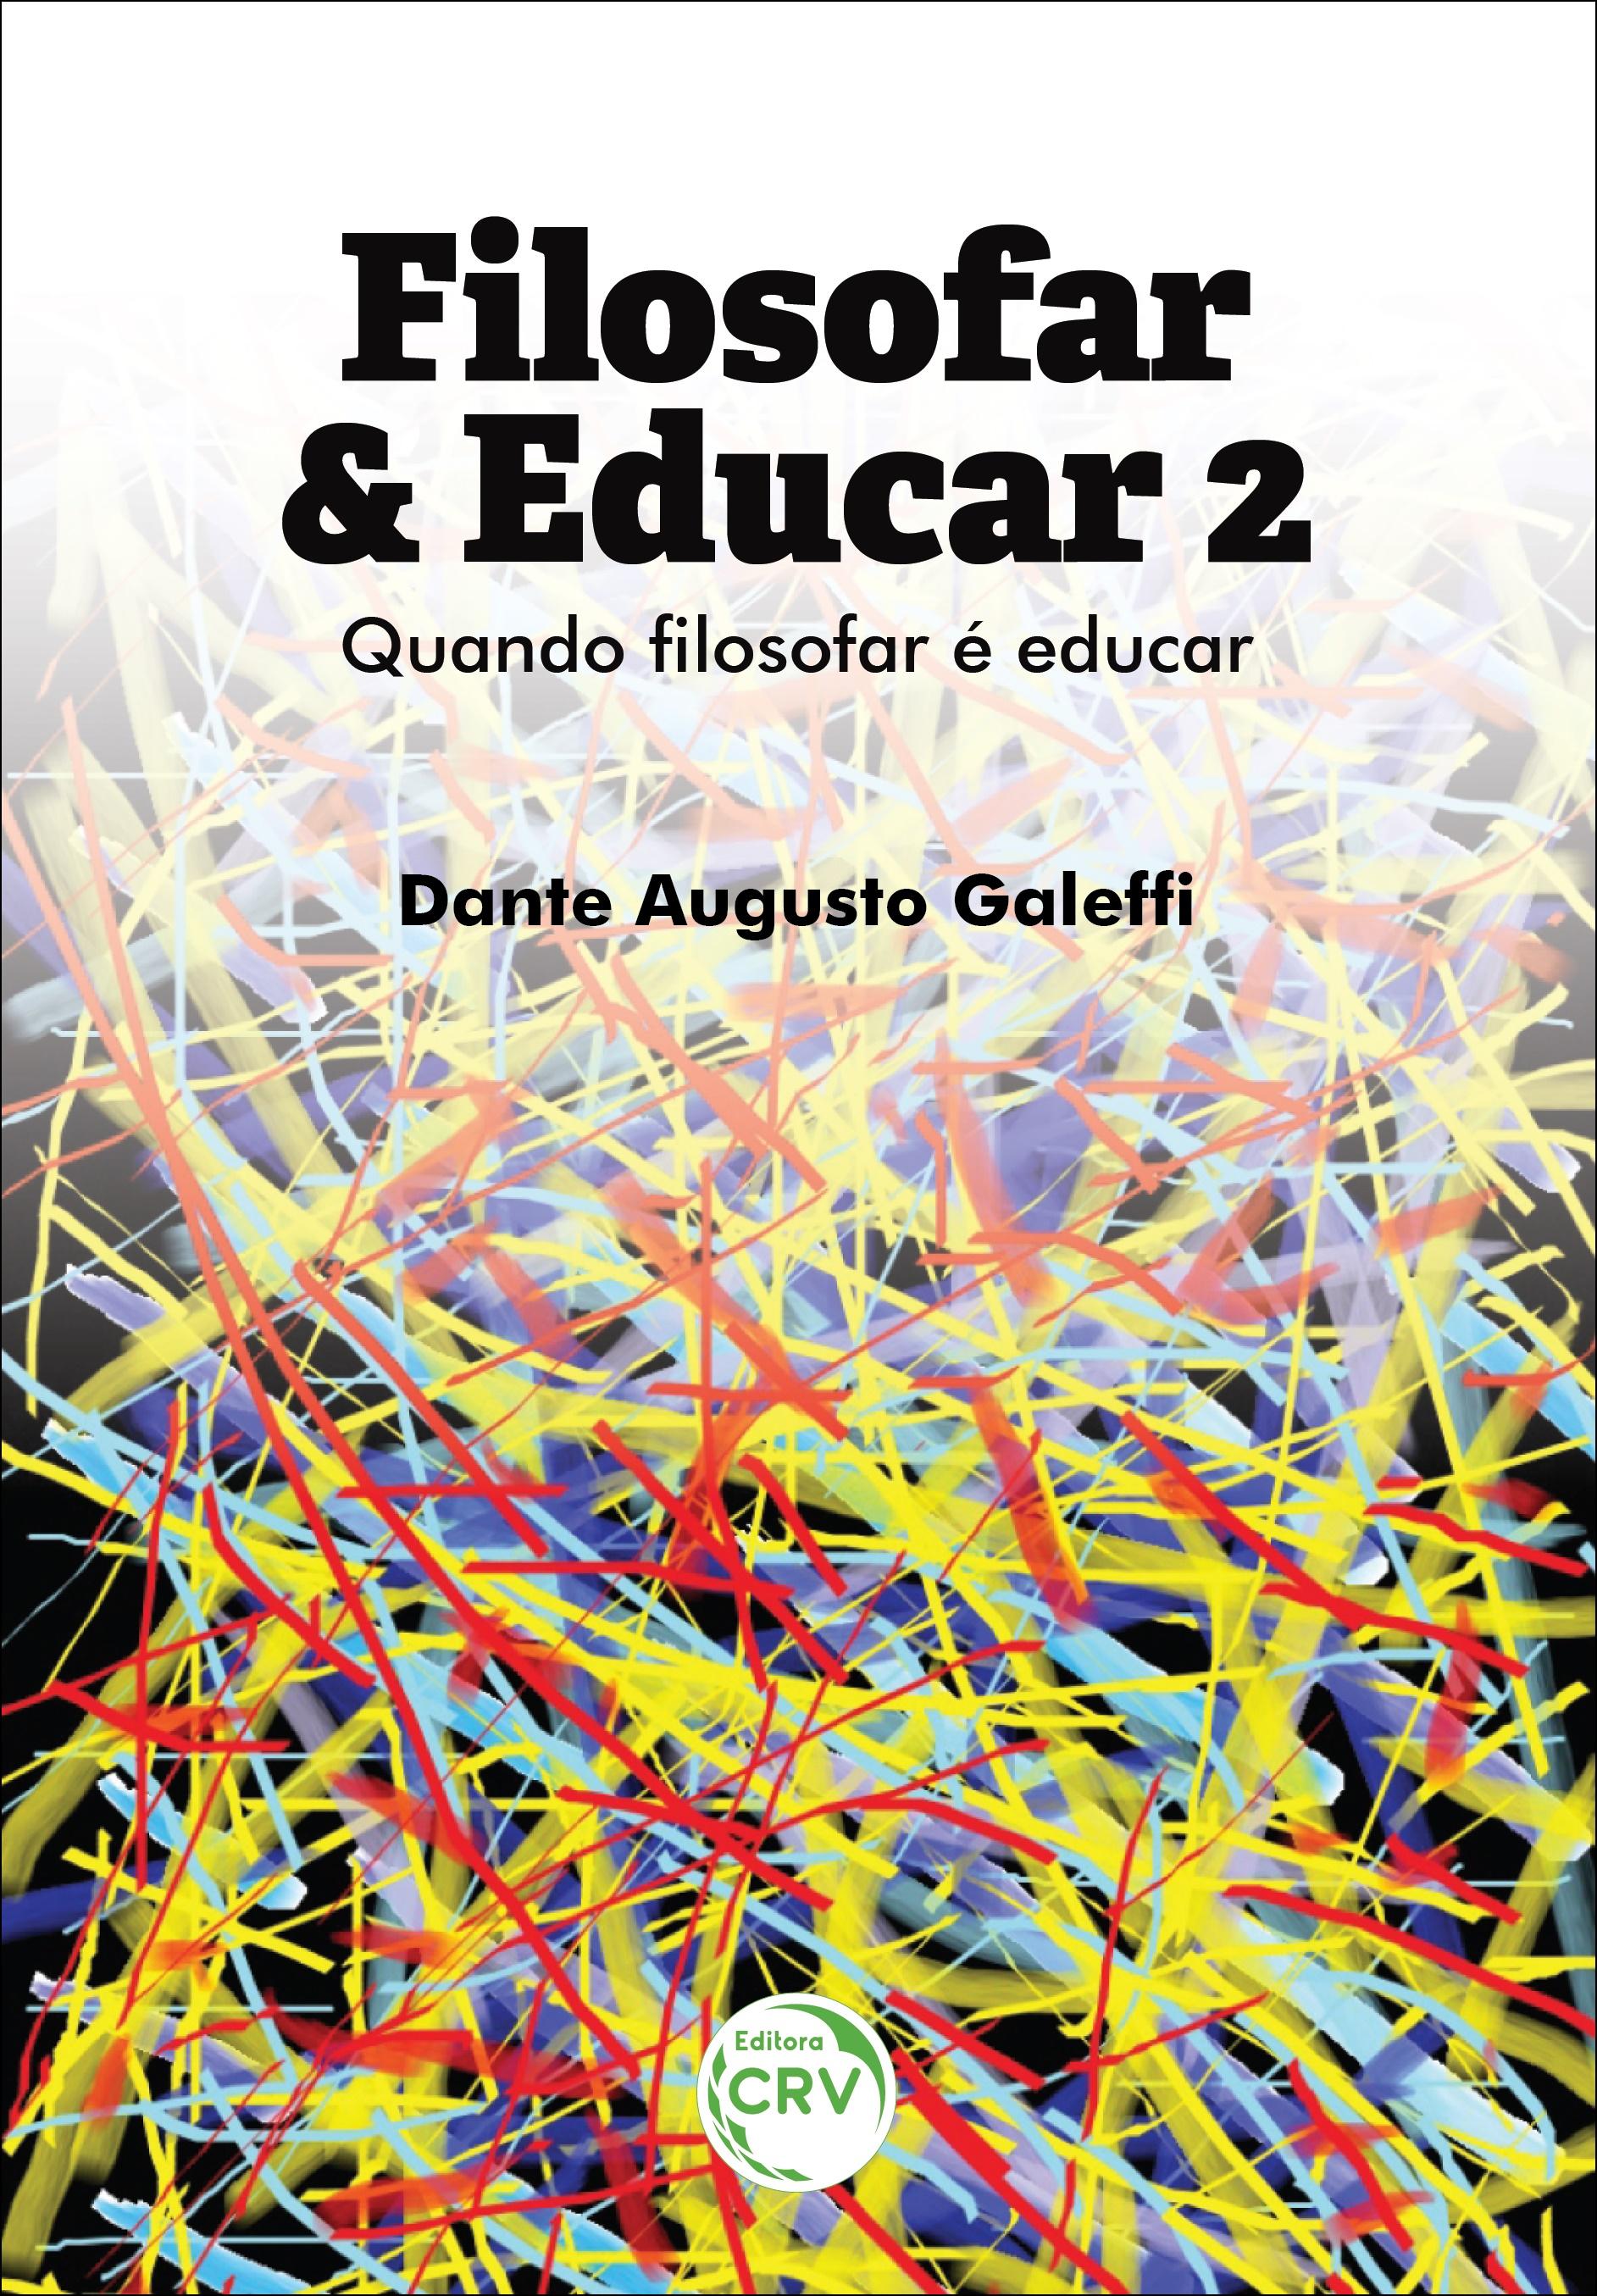 Capa do livro: FILOSOFAR & EDUCAR: <br>quando filosofar é educar <br>Volume 2